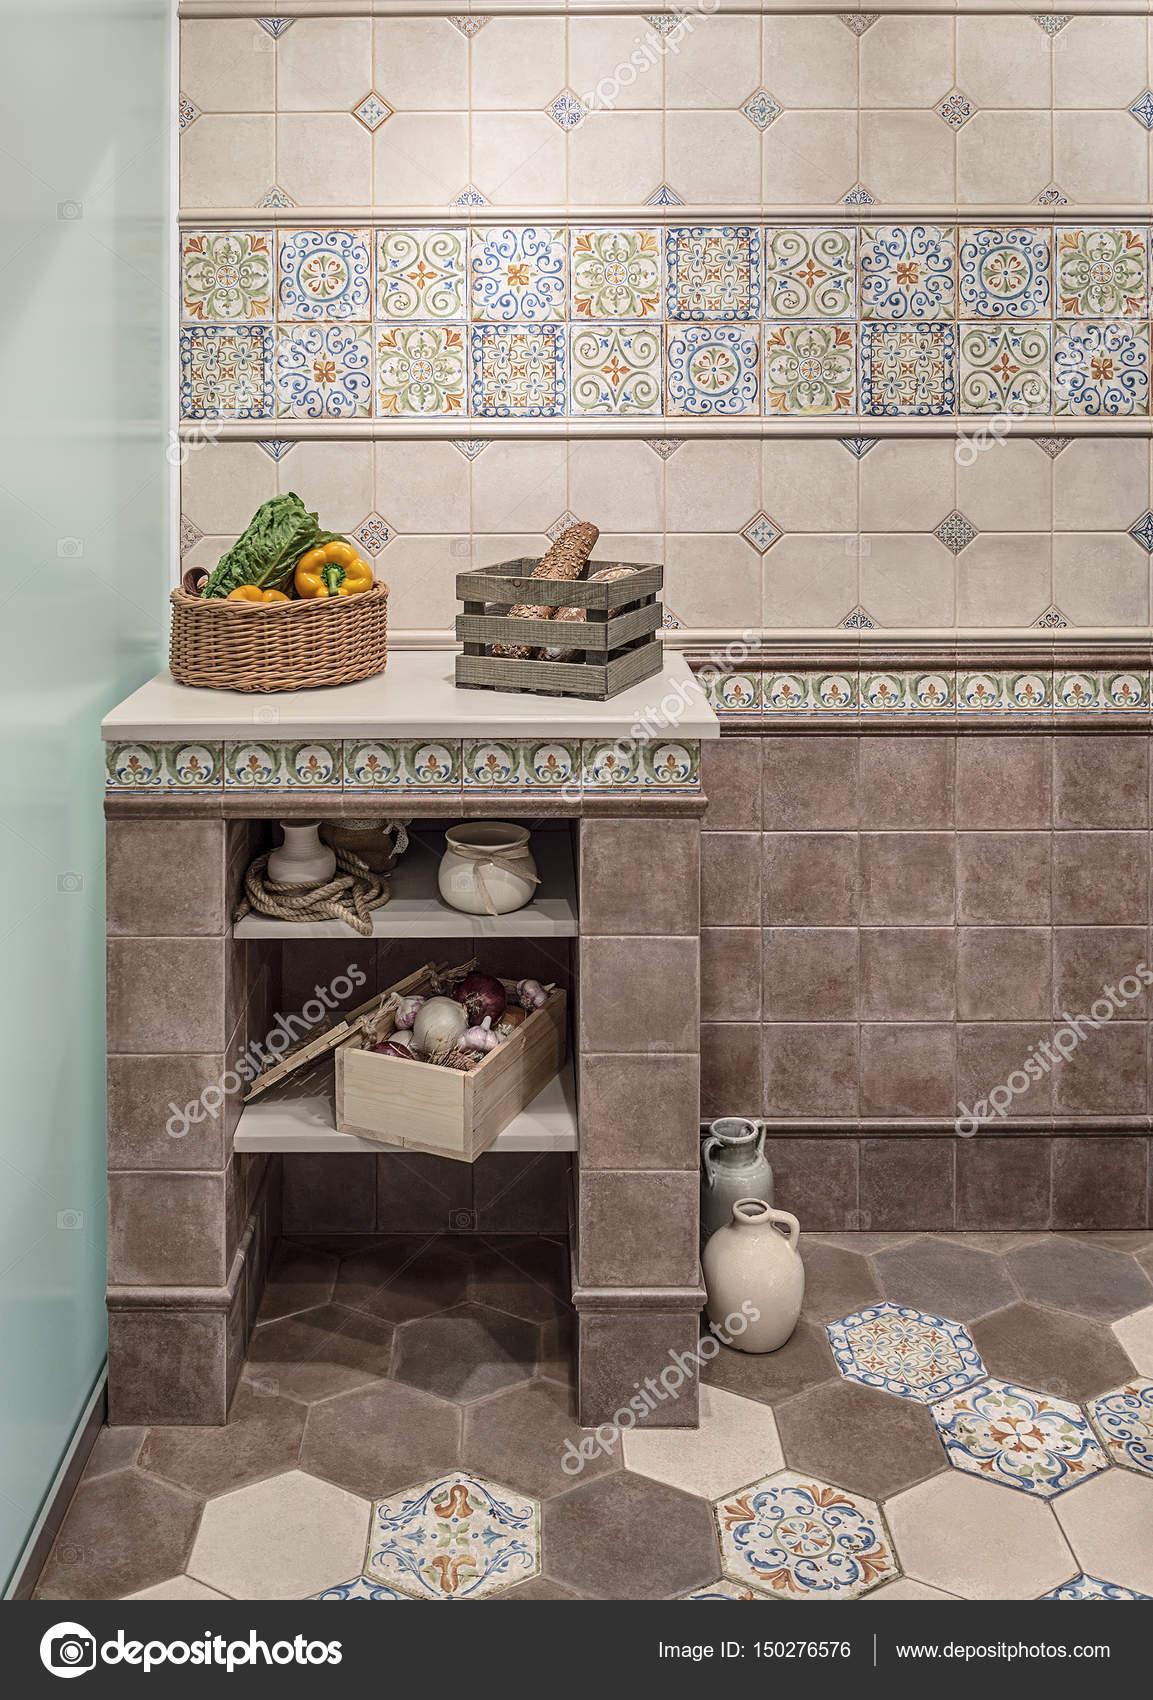 Küche Interieur im retro-Stil. Die Wände, den Boden und in der ...